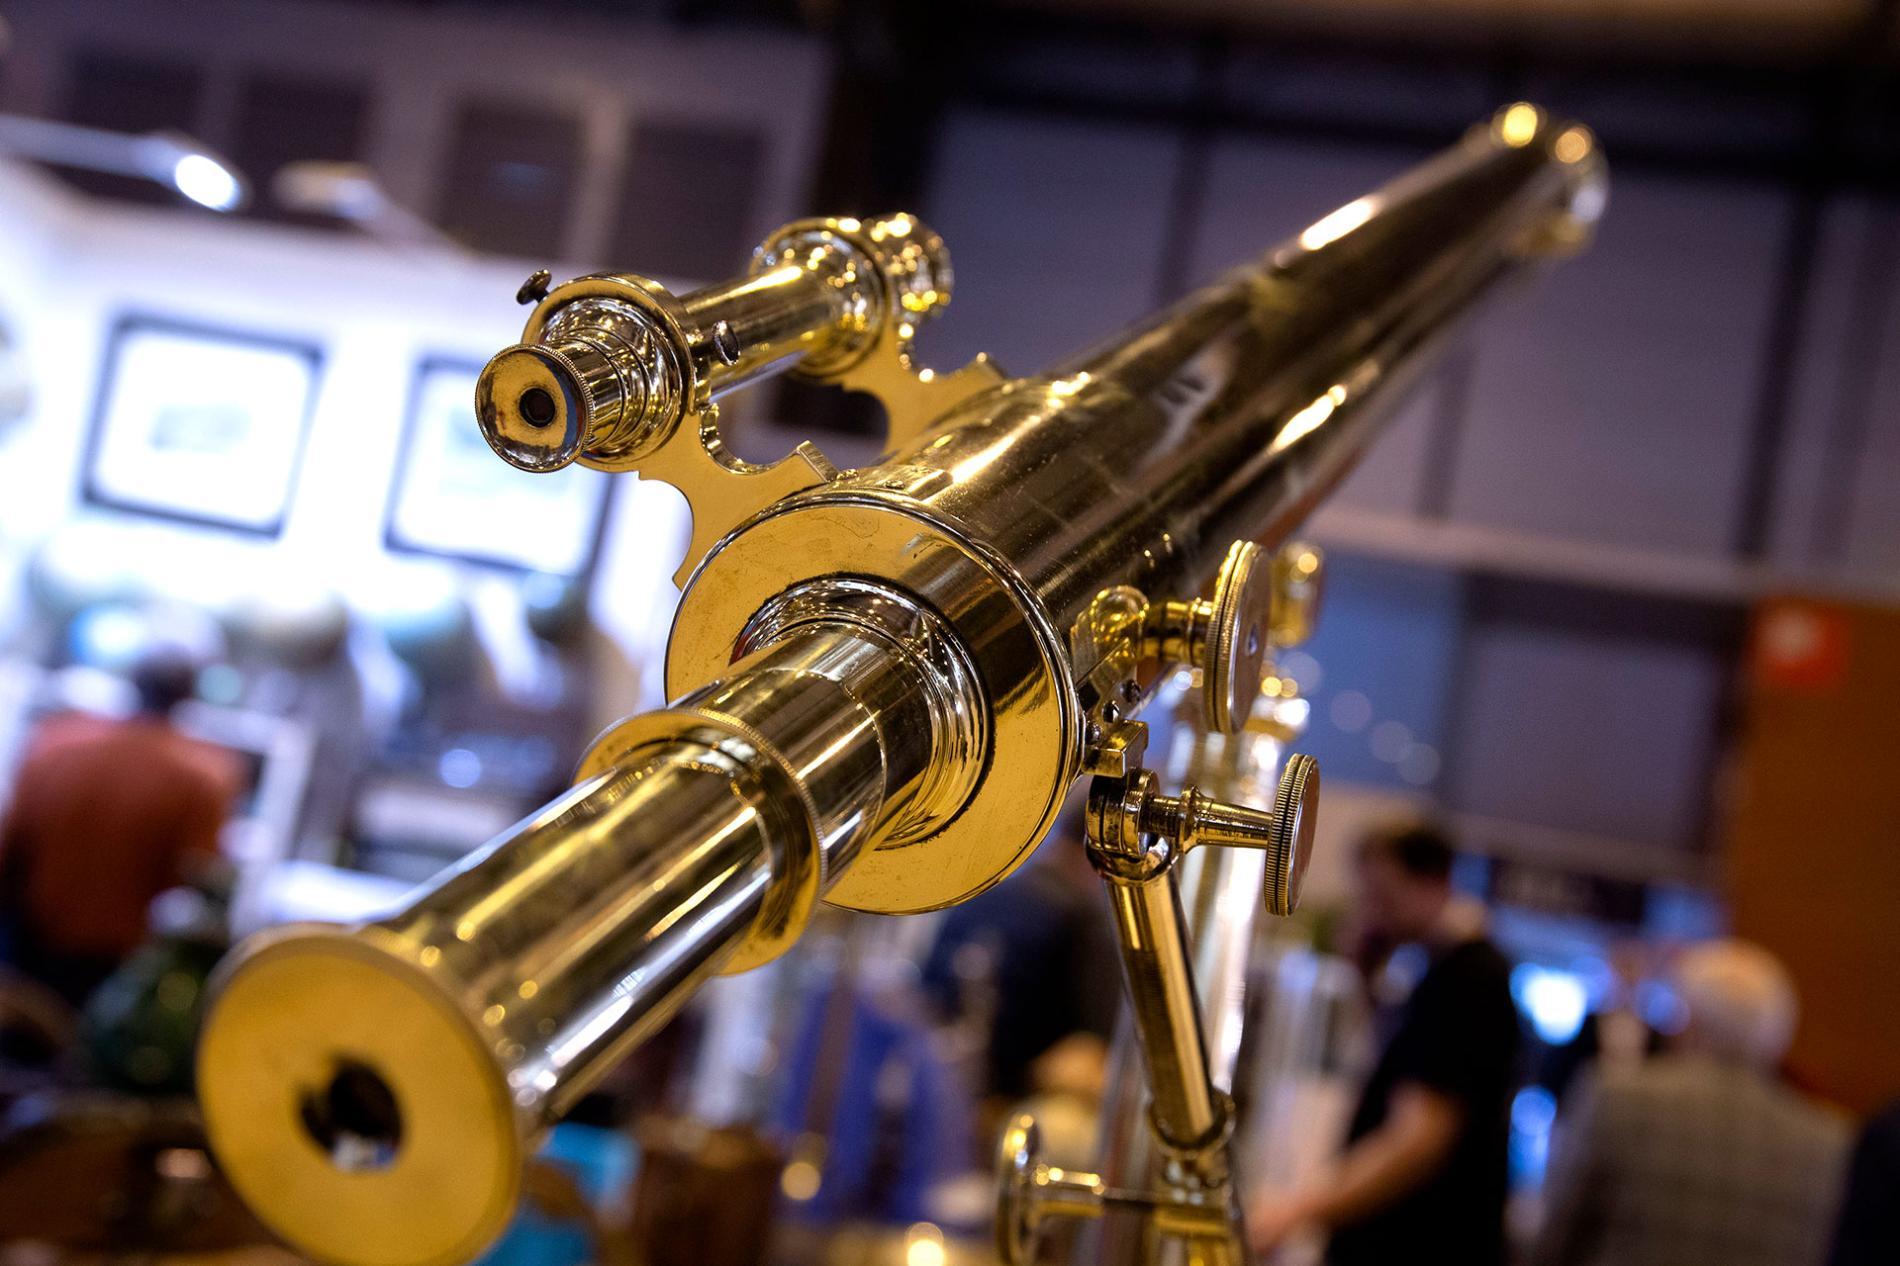 telescopio expuesto en Almoneda